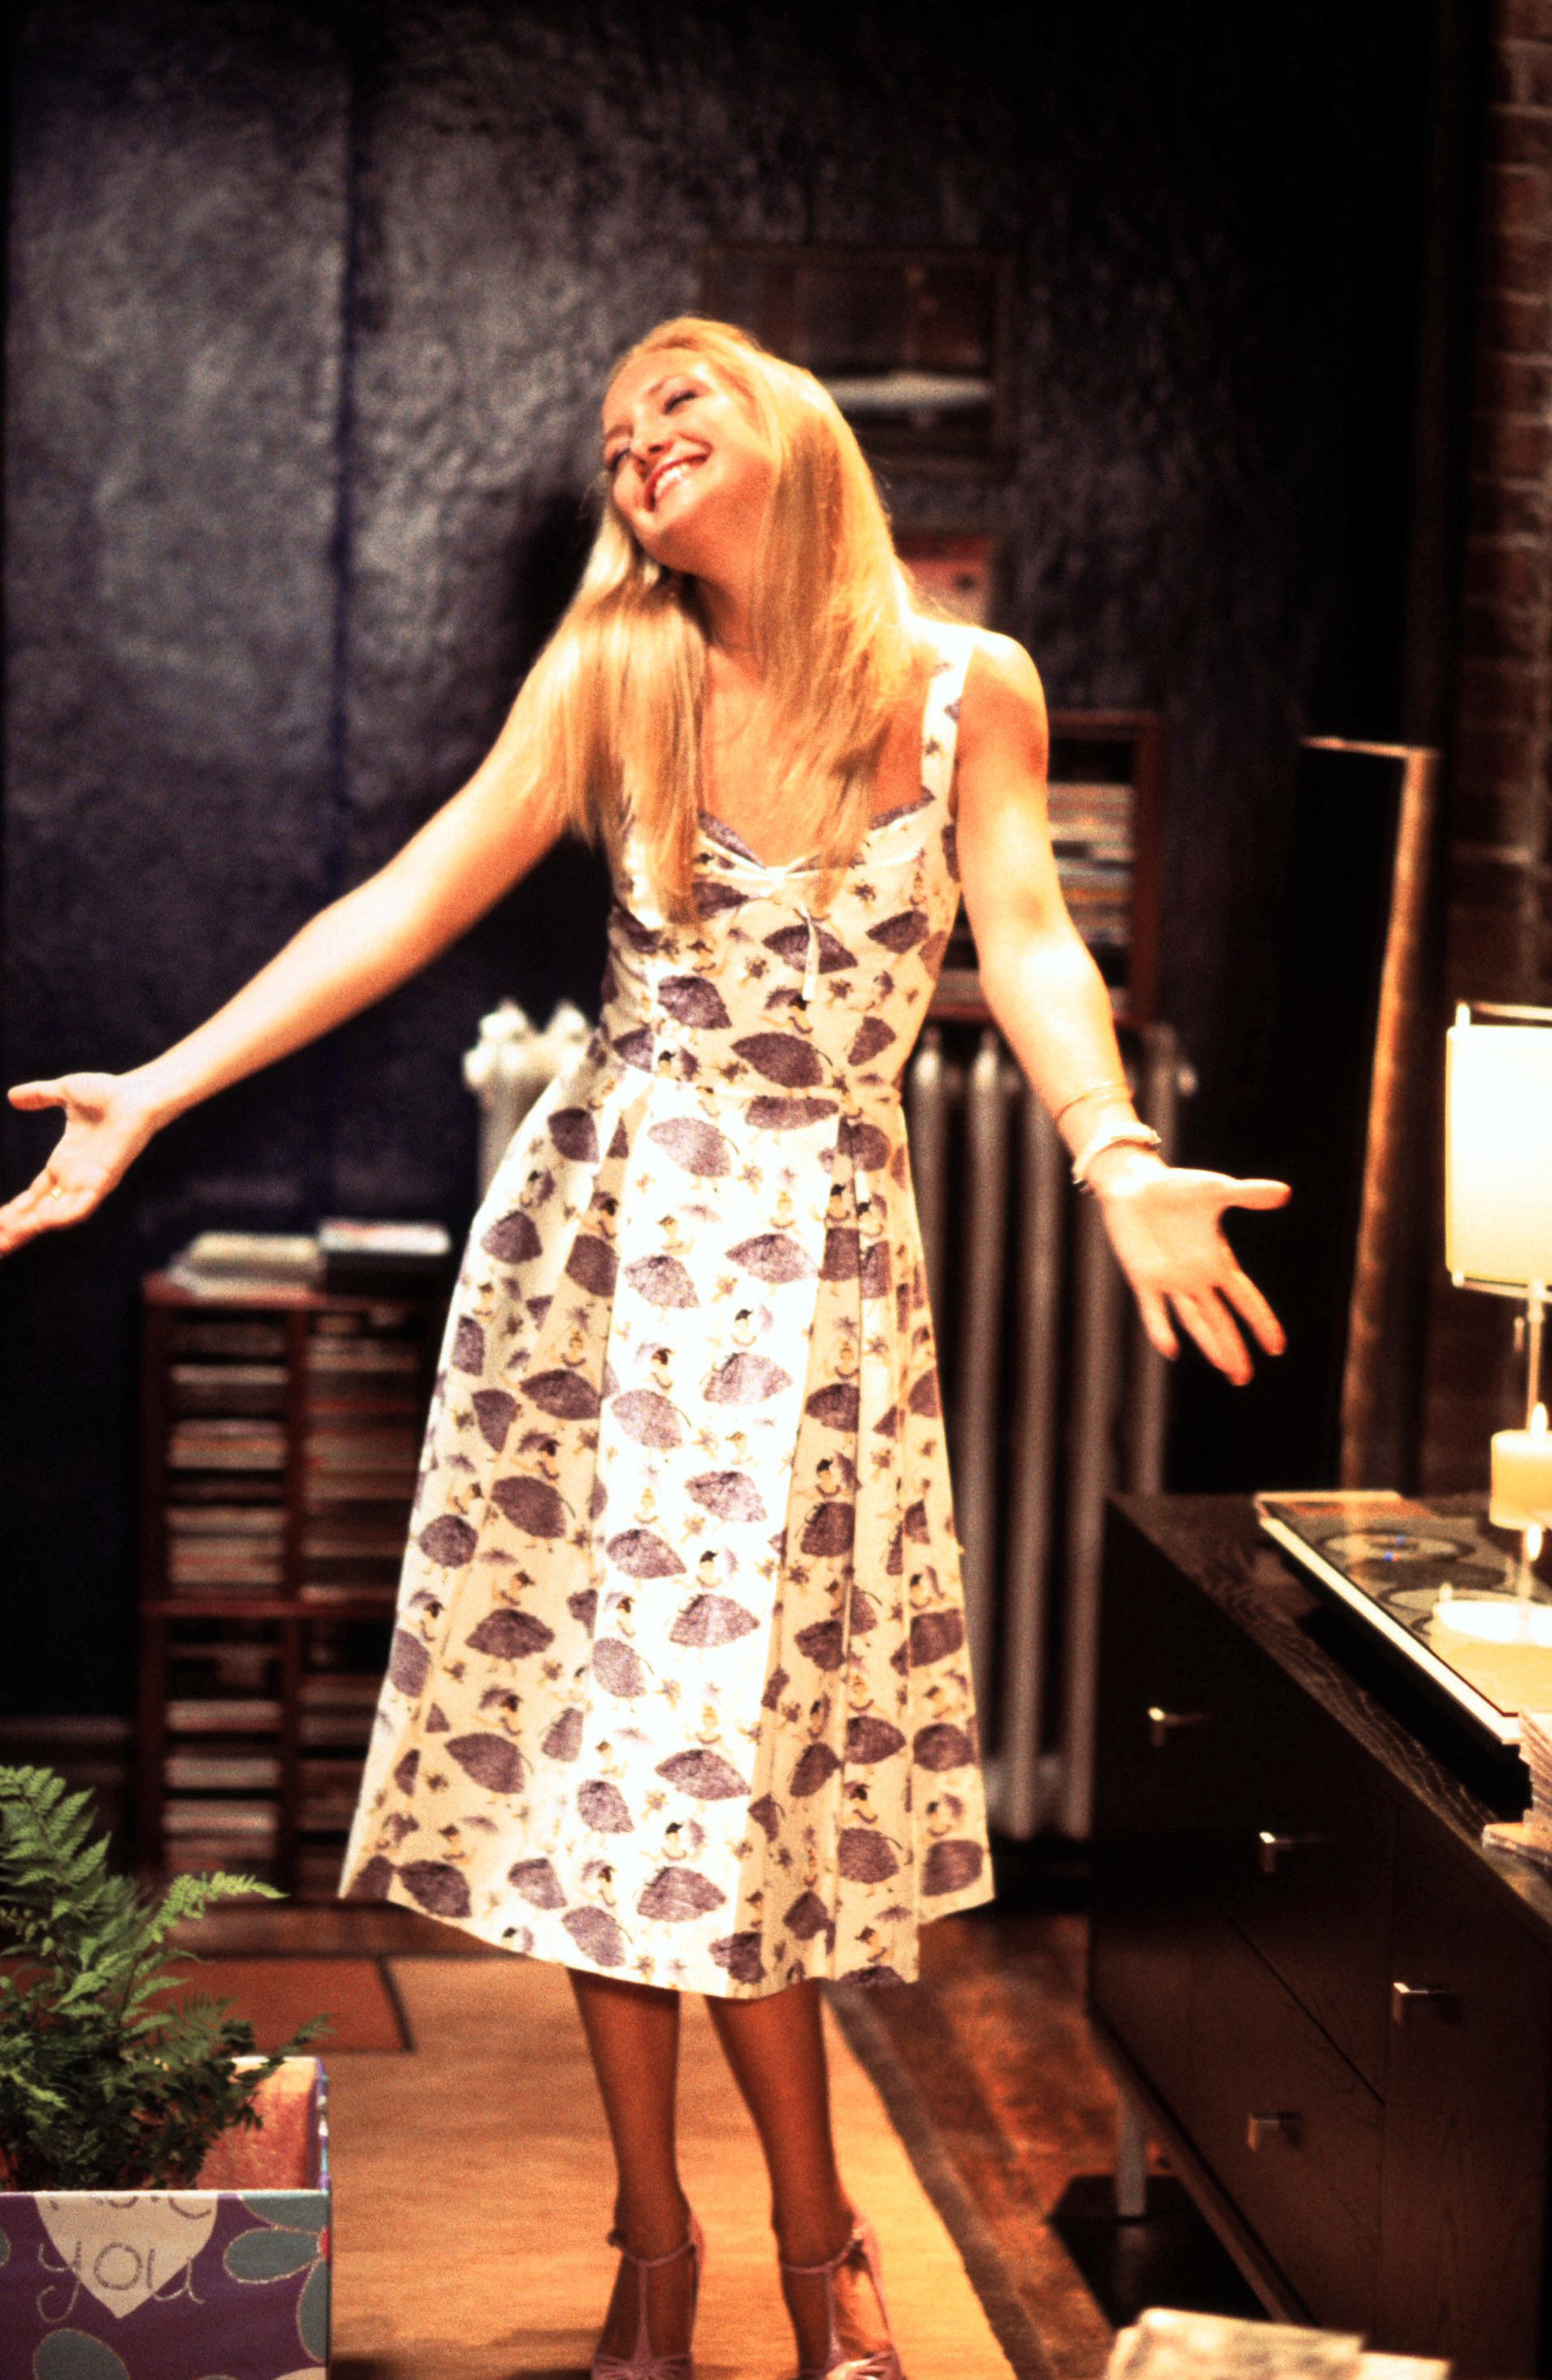 Andie's fabulous designer dress